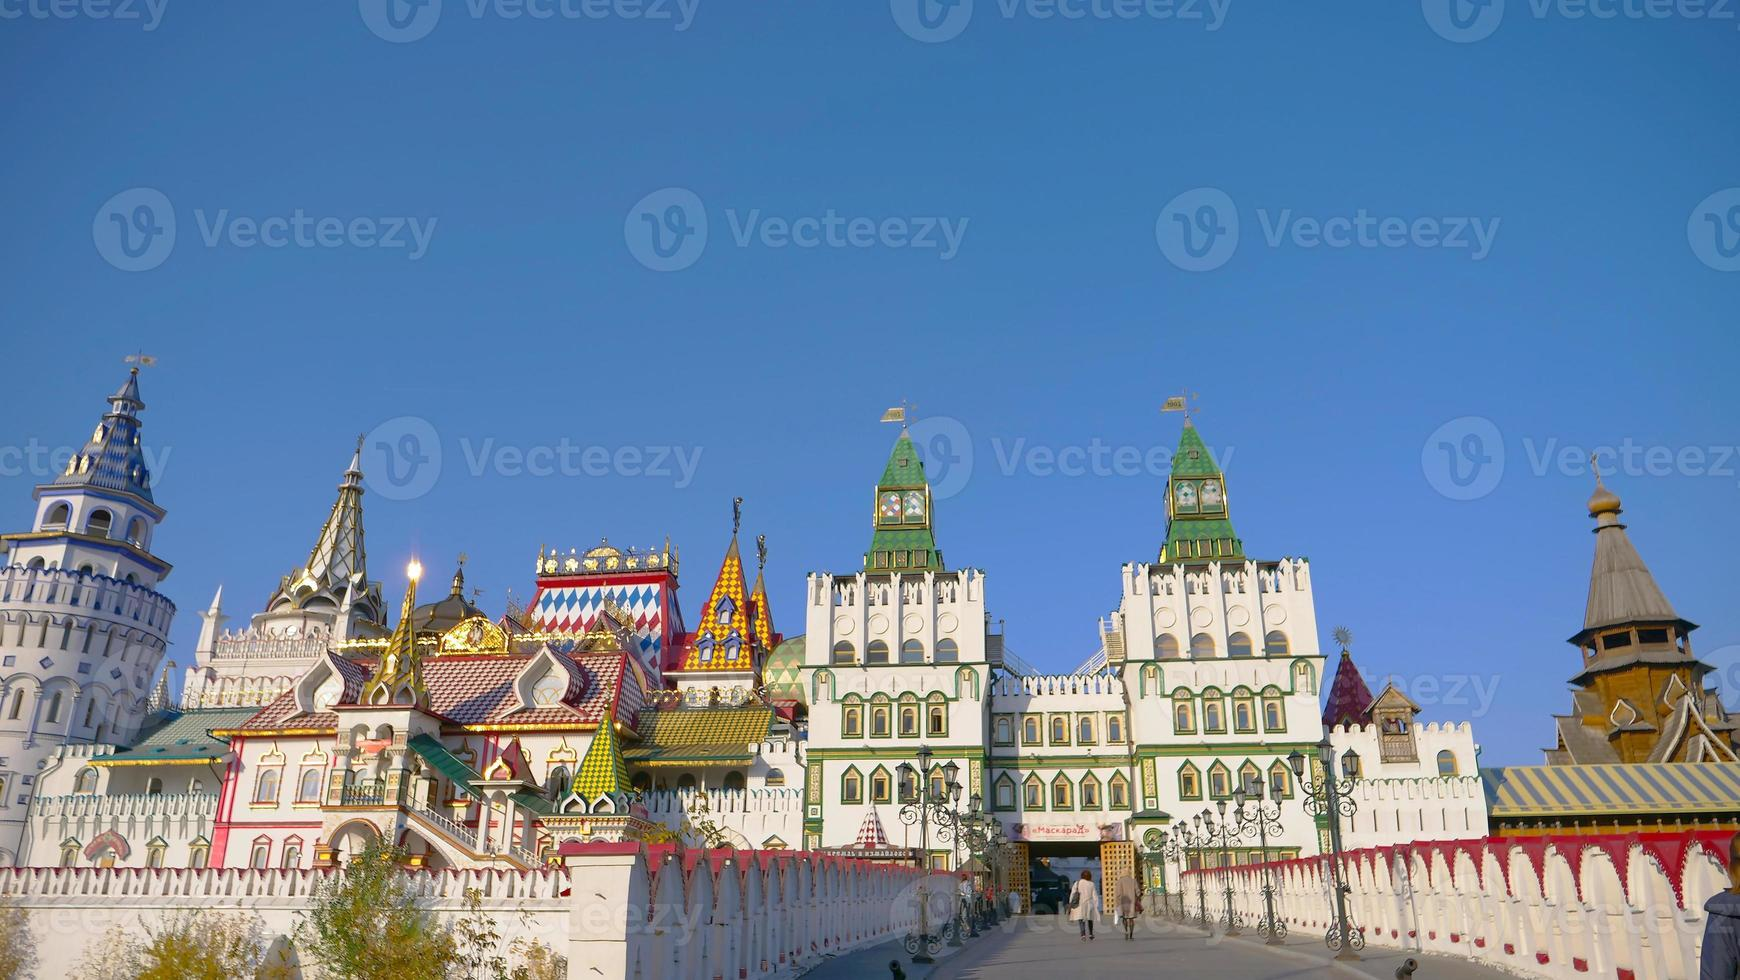 hermosa arquitectura del mercado izmailovsky en moscú rusia foto